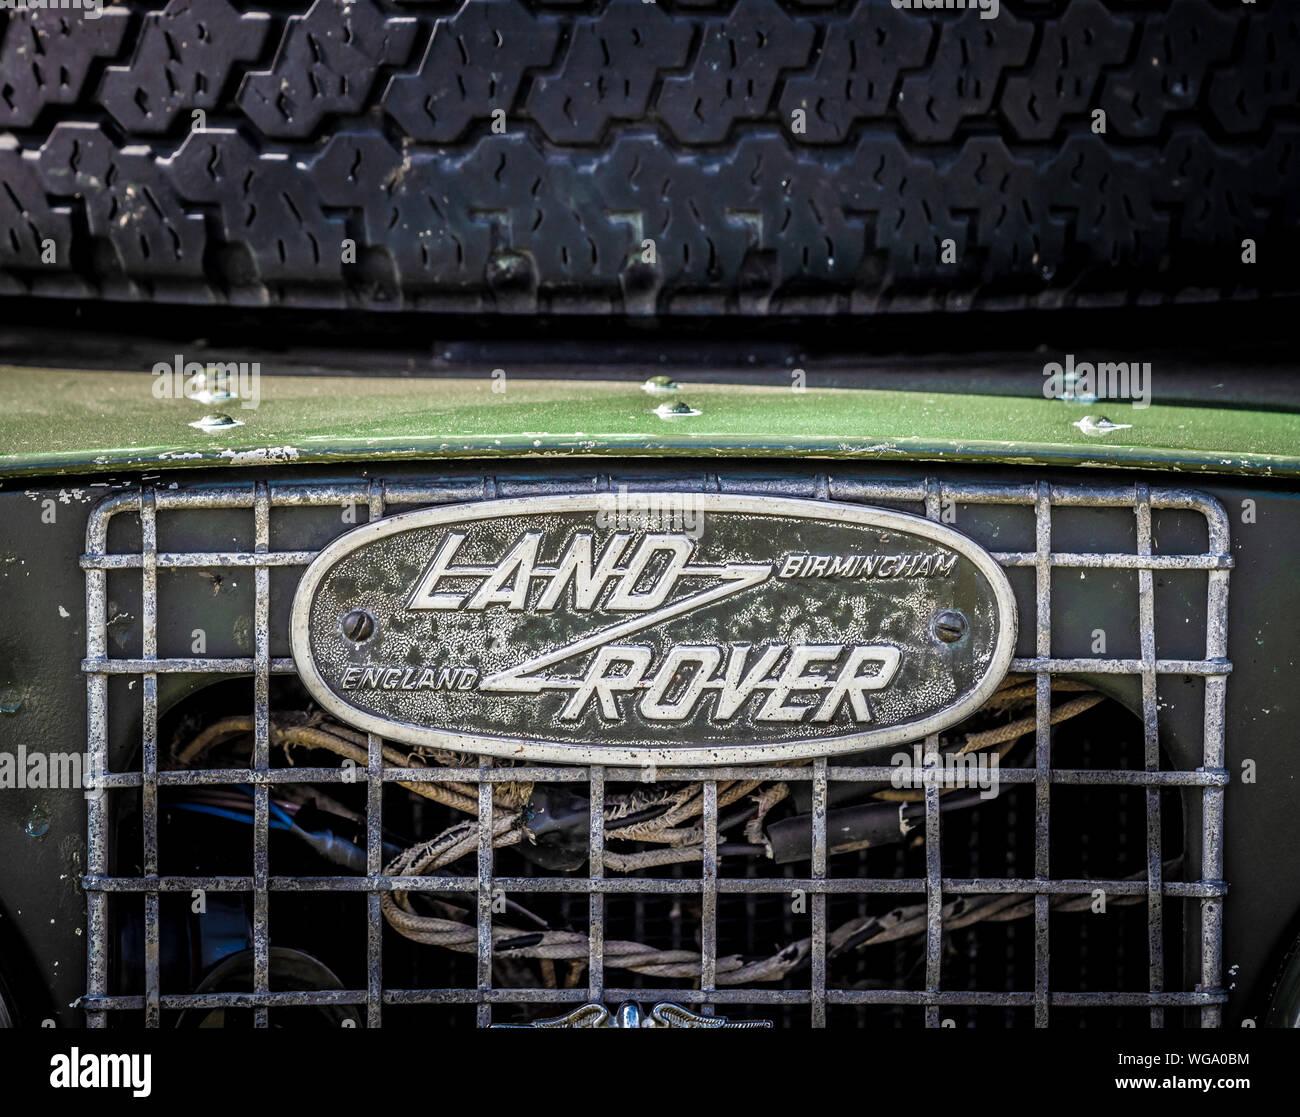 Rover Vintage Car Stock Photos & Rover Vintage Car Stock